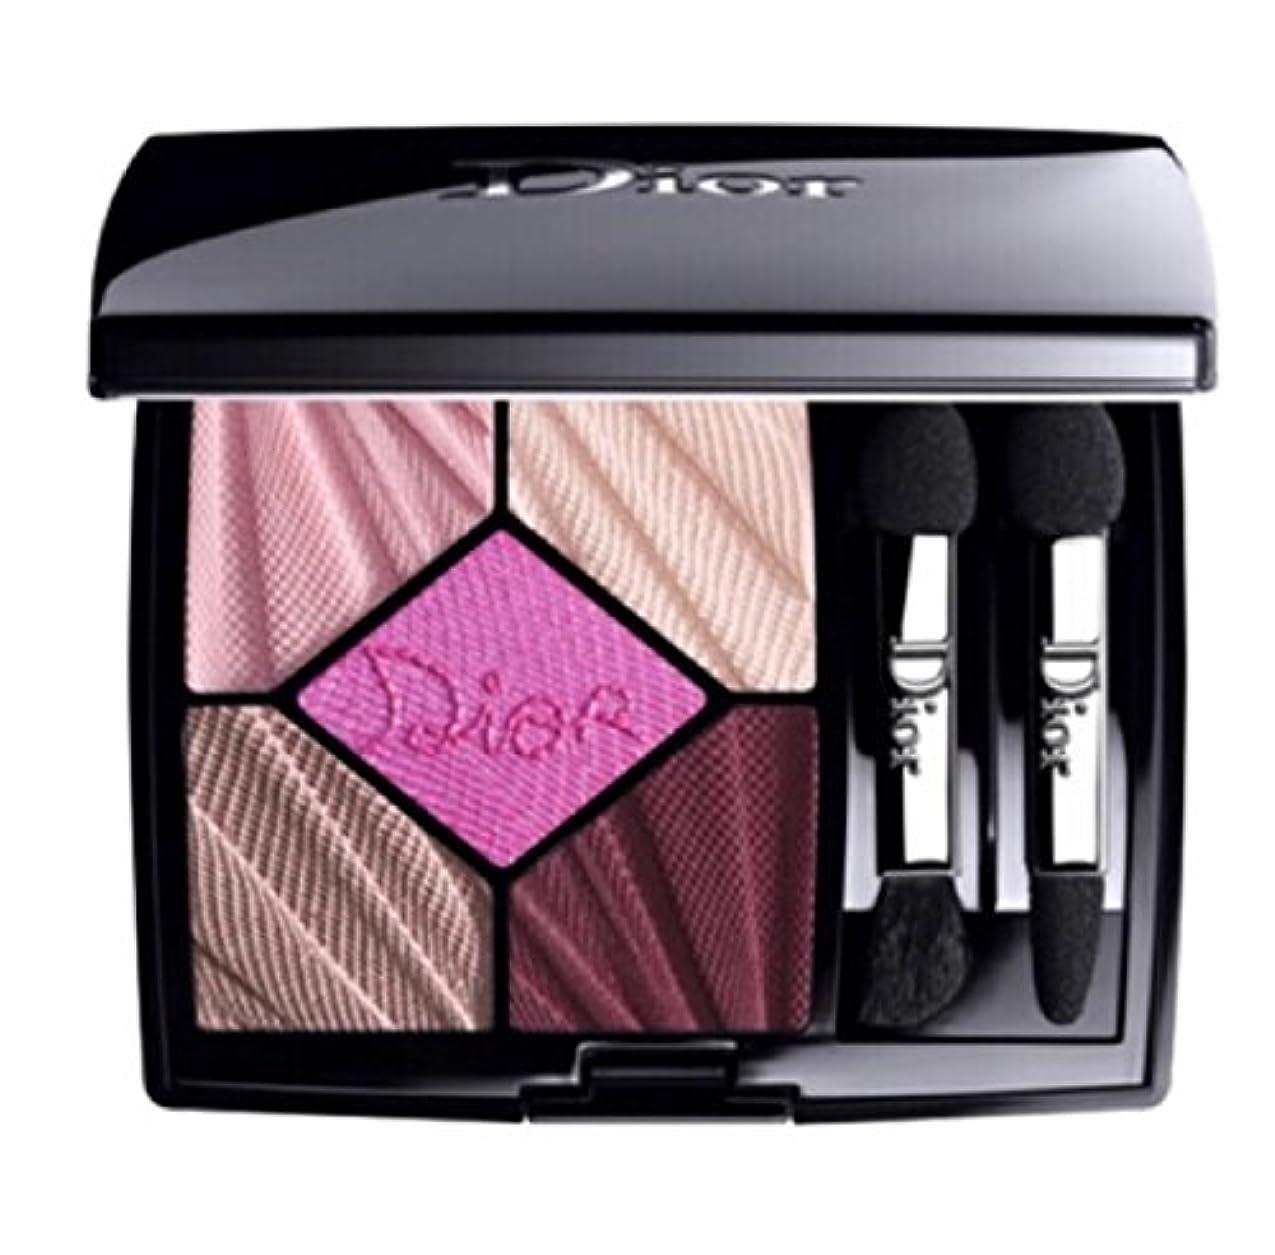 振る舞い受け皿証人ディオール サンク クルール #887 スリル 限定色 -Dior